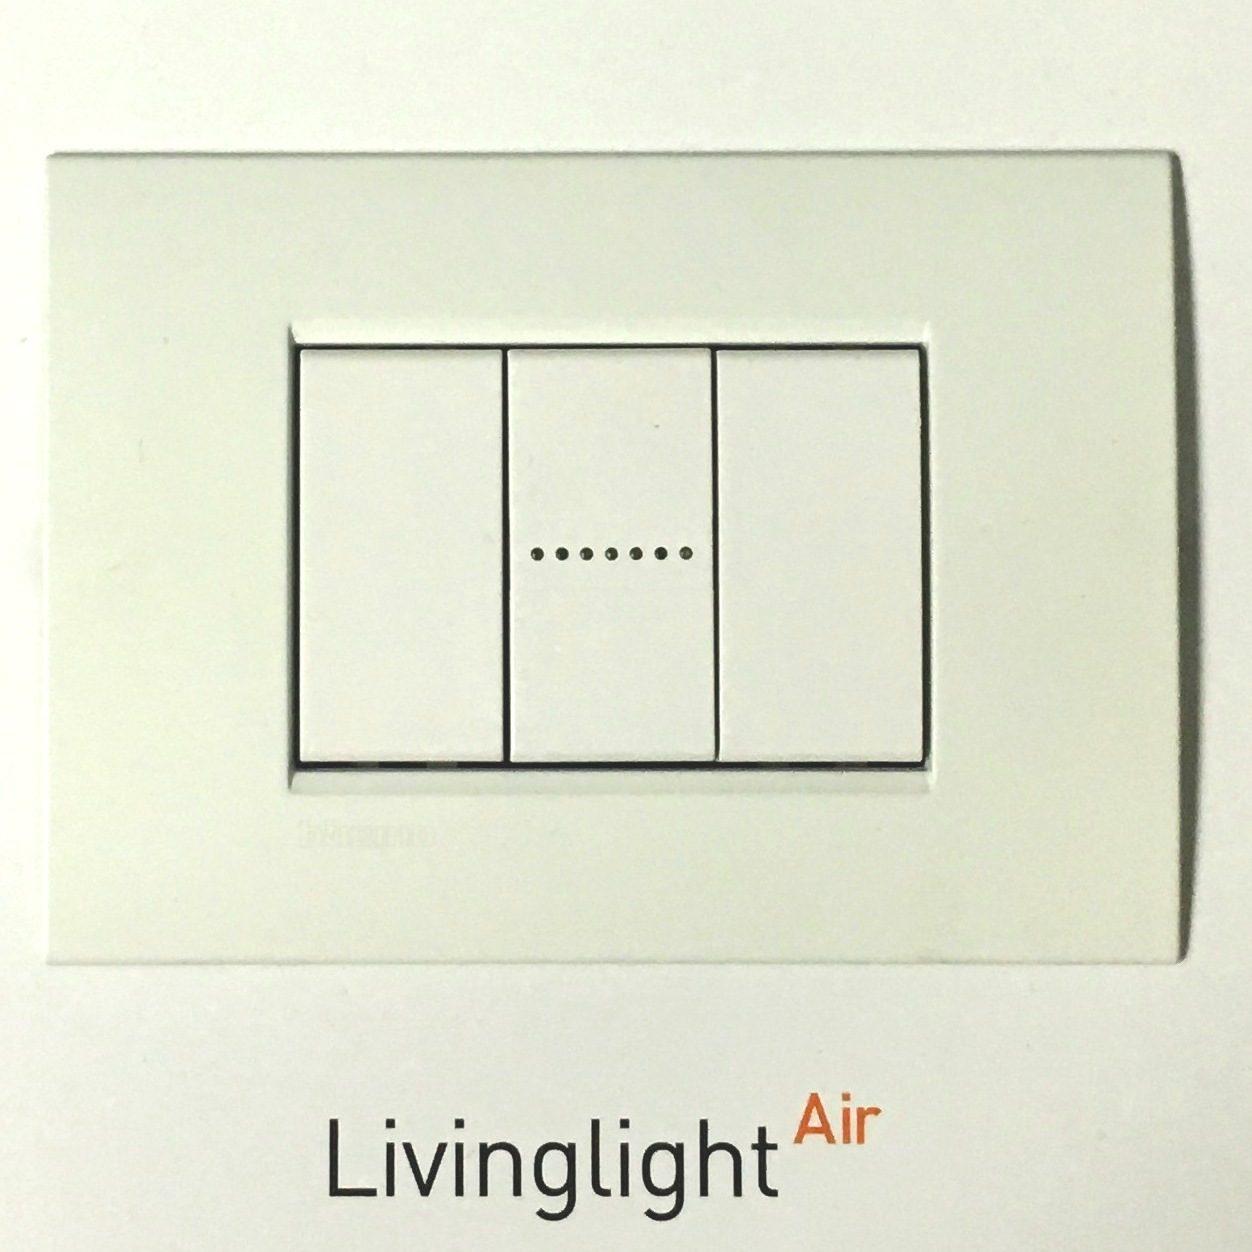 Bticino livinglight air bianco puro lnc4803bn placca 3 posti for Bticino living